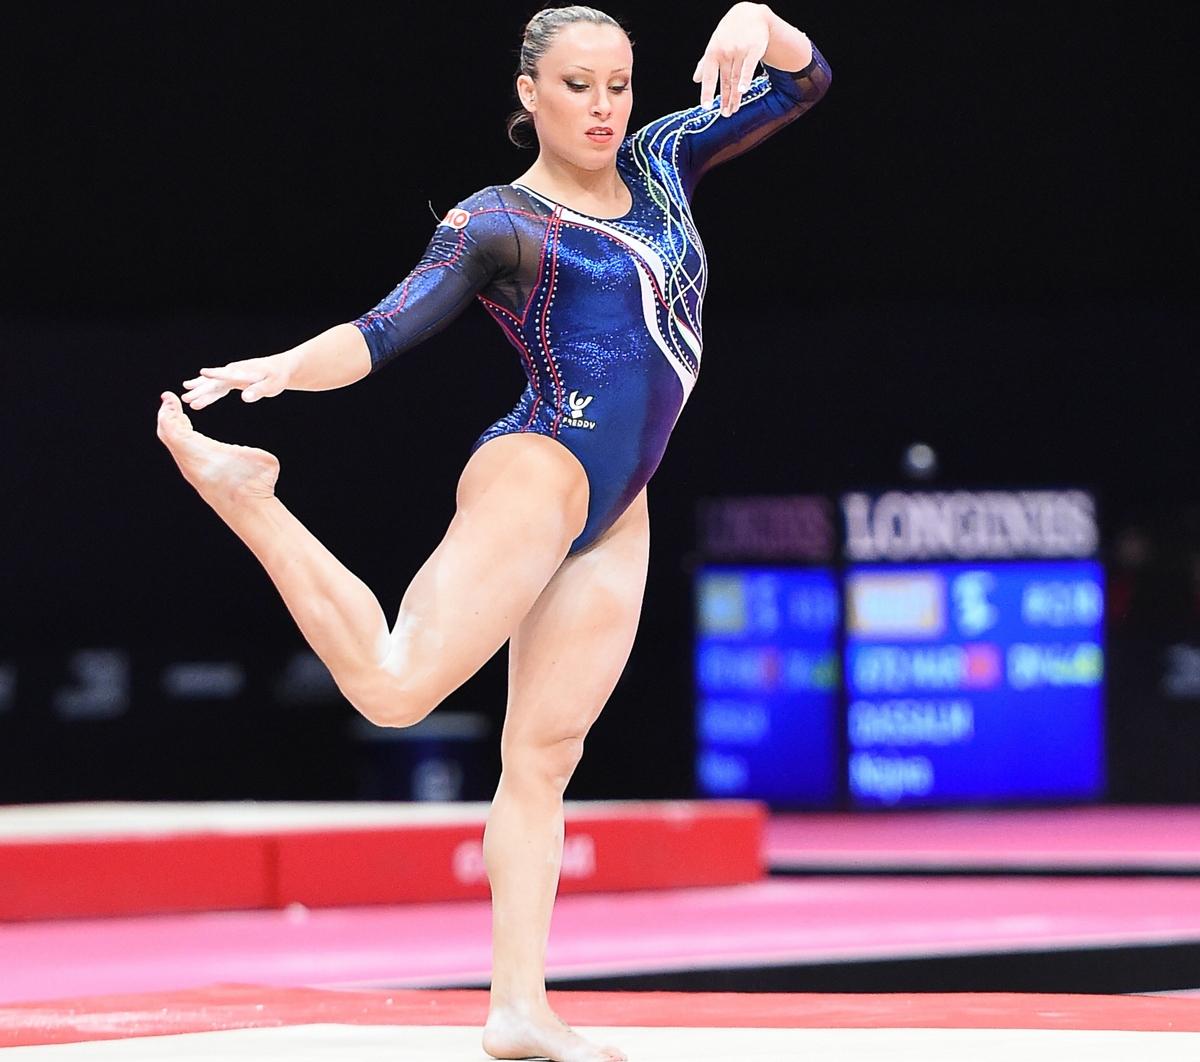 Olimpiadi Rio 2016 - CONI - The team